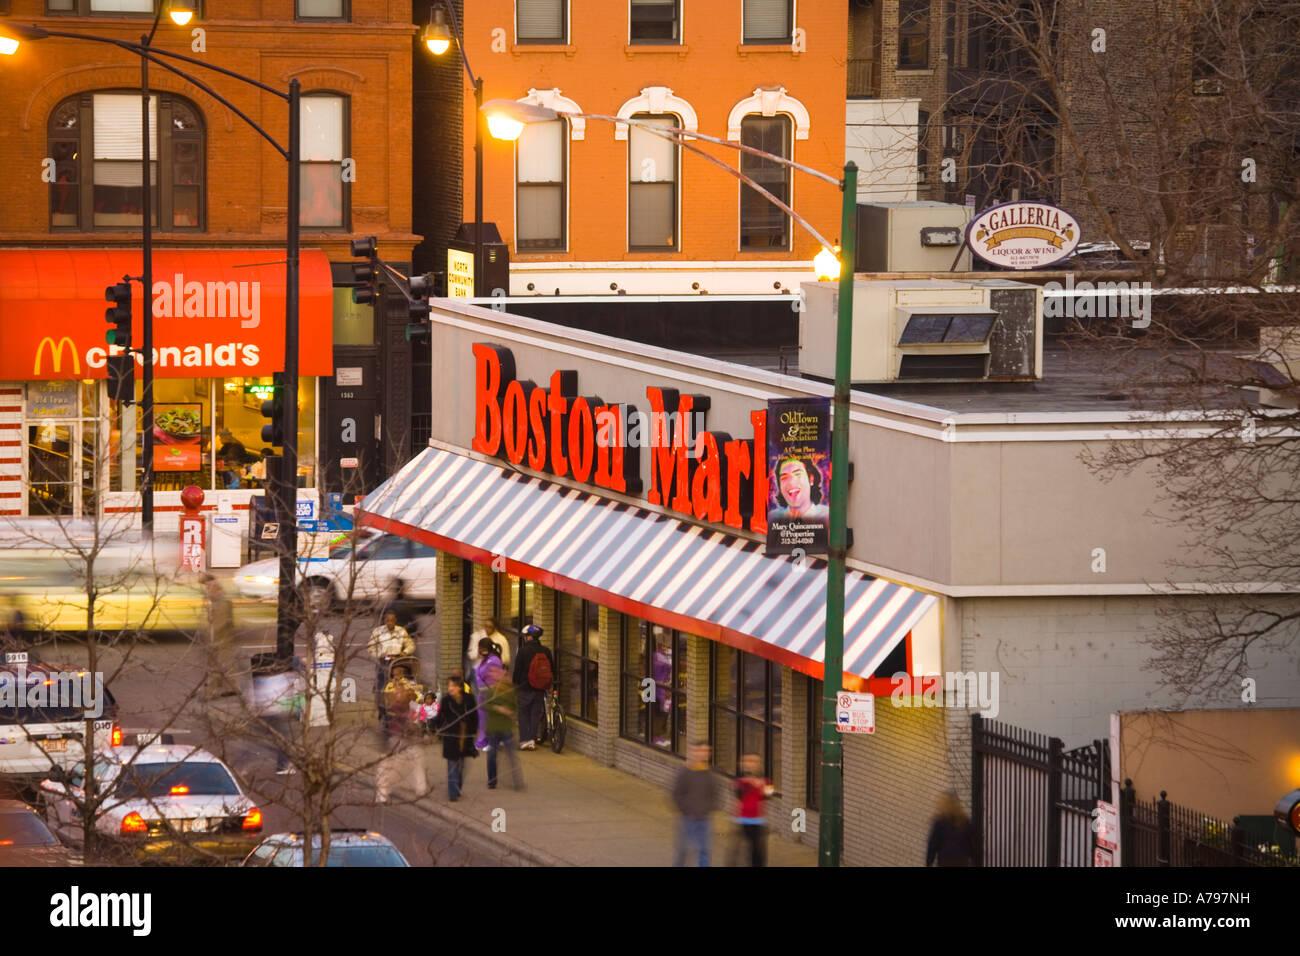 Chicago Illinois Boston Market And Mcdonalds Restaurants On